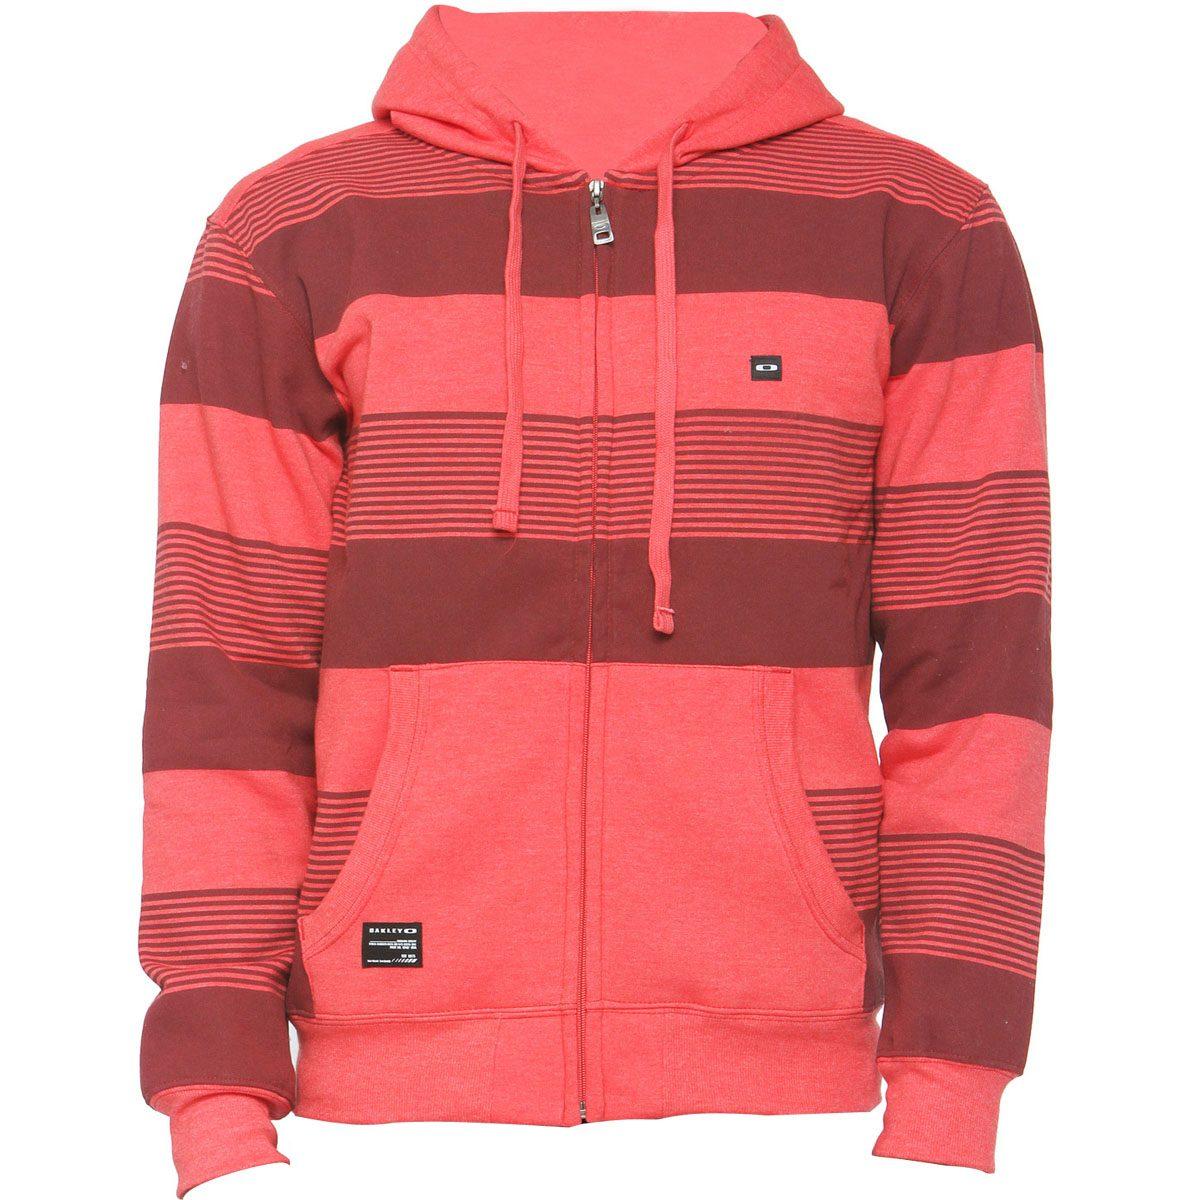 b5946ff5c1 moletom oakley striped fleece vermelho. Carregando zoom.